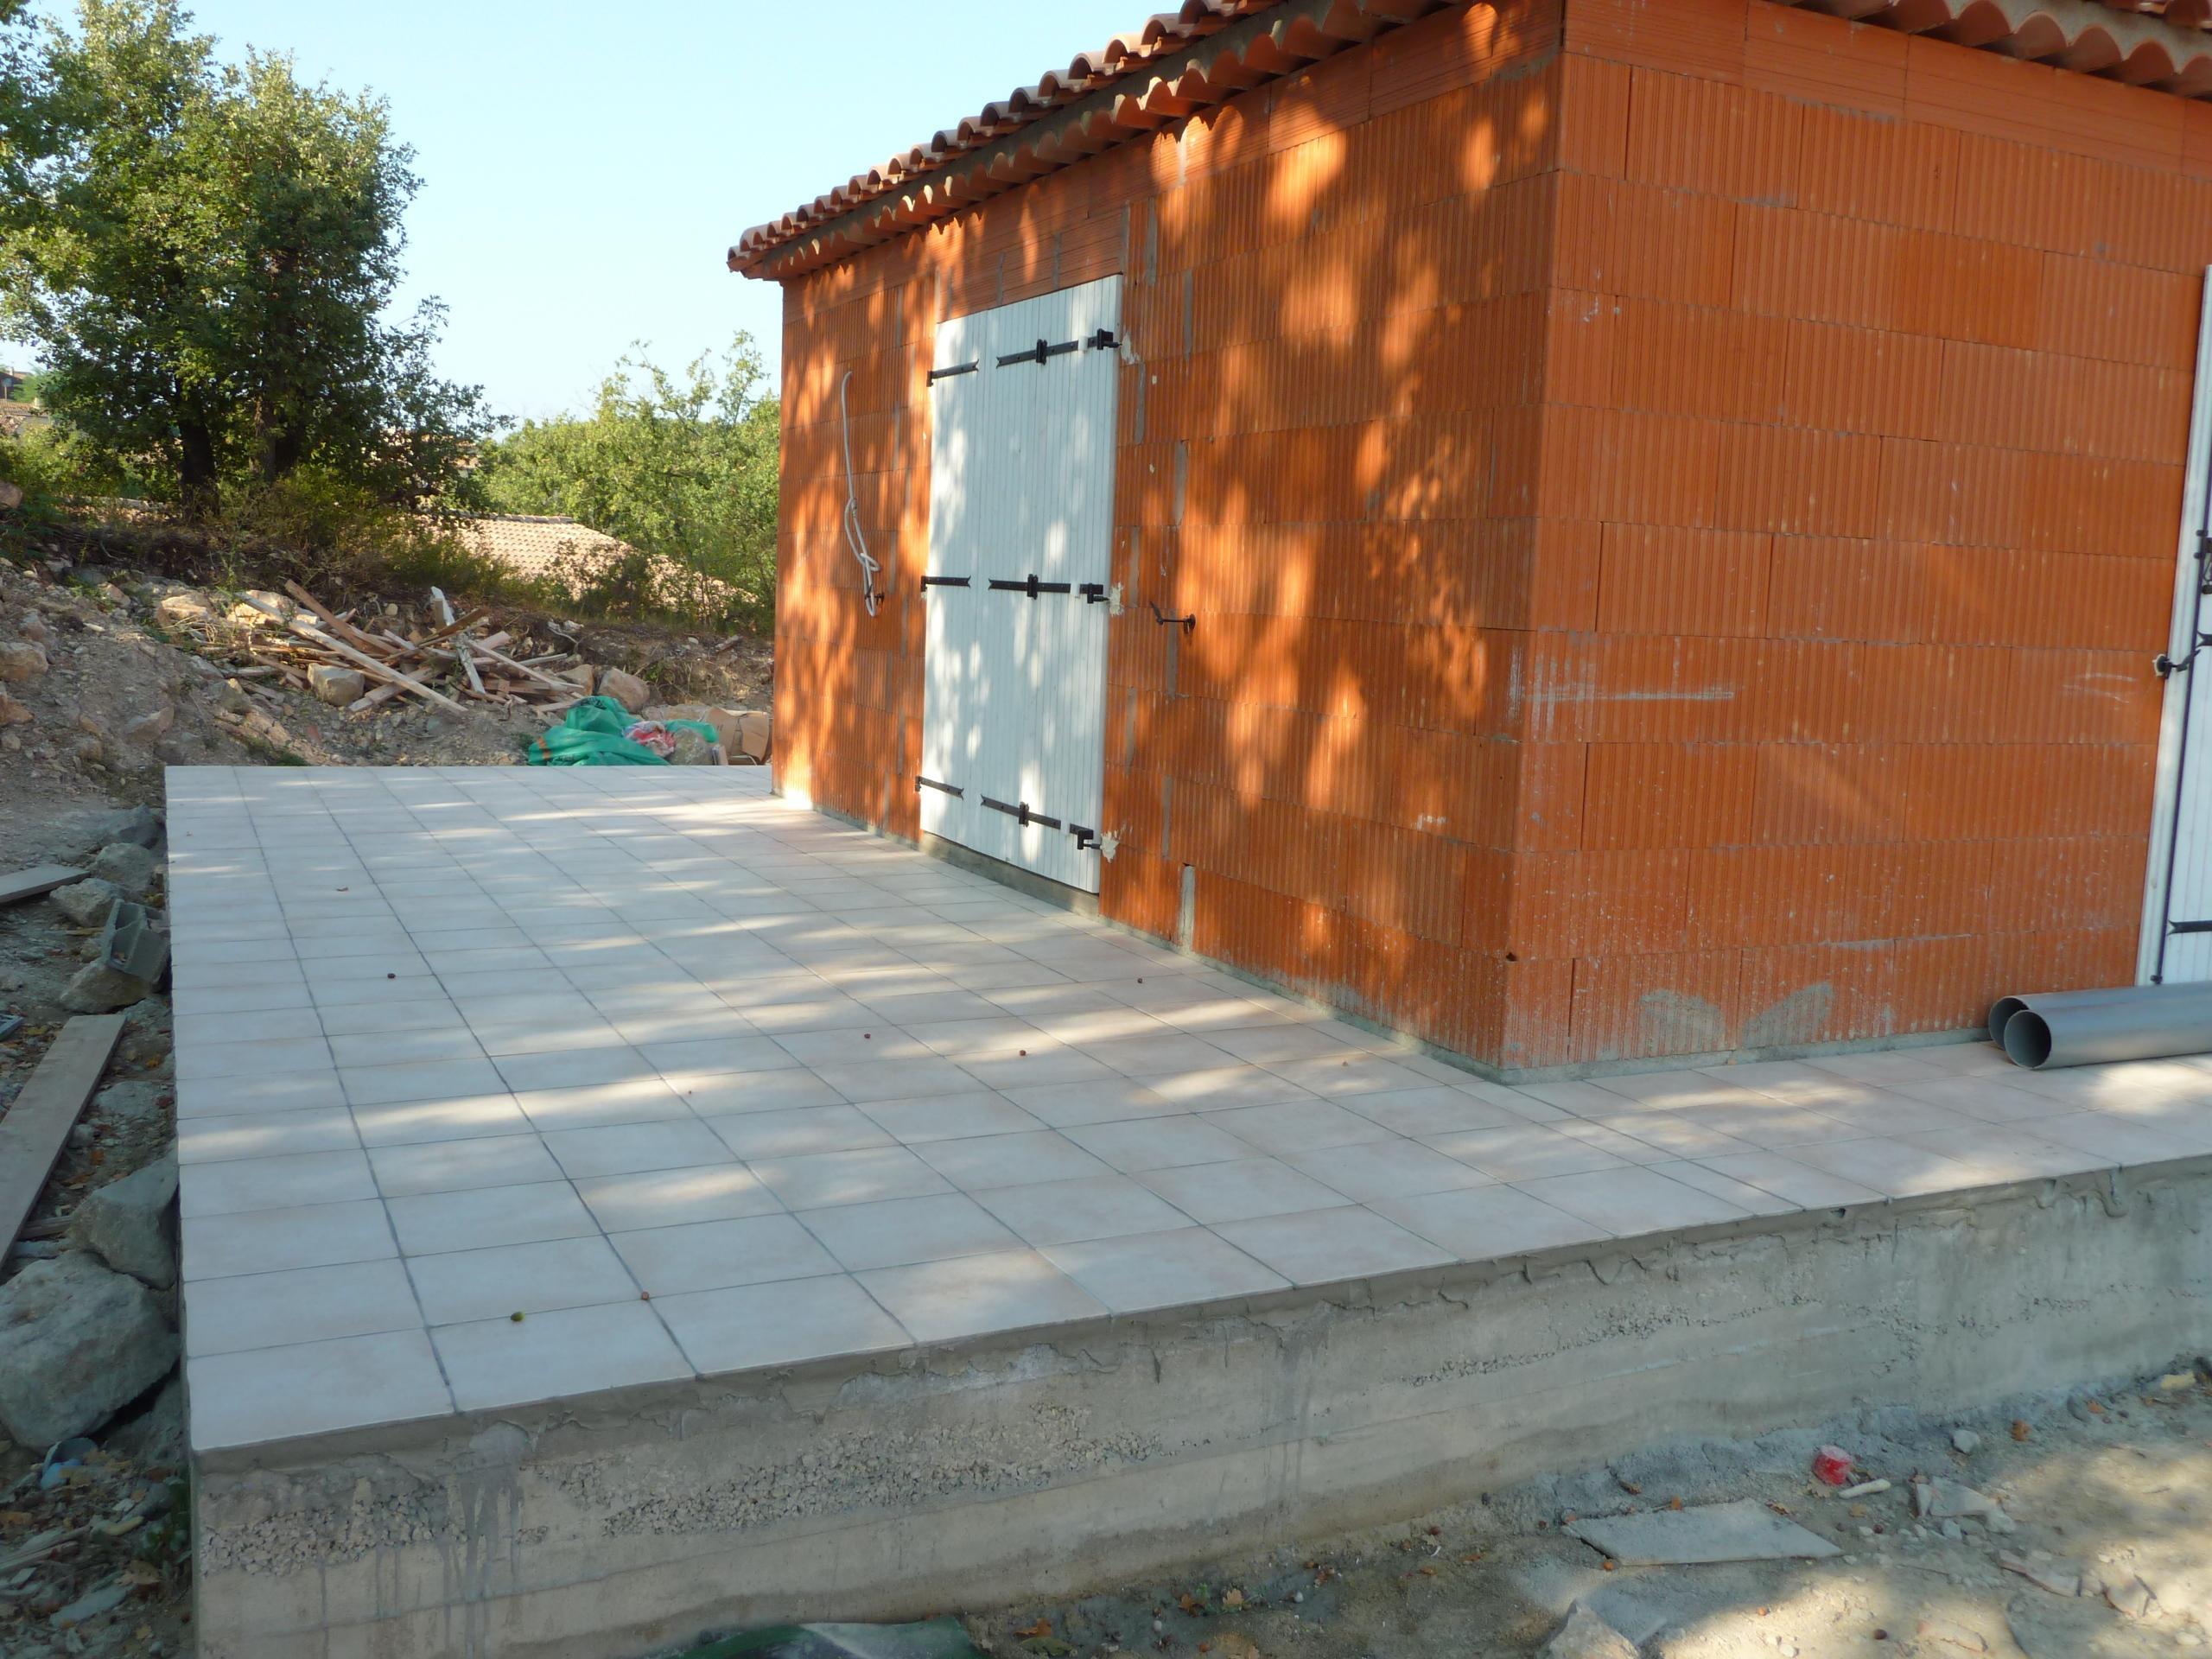 Fabrique de carrelage au portugal quimper amiens rouen travaux renovati - Refaire joint carrelage terrasse ...